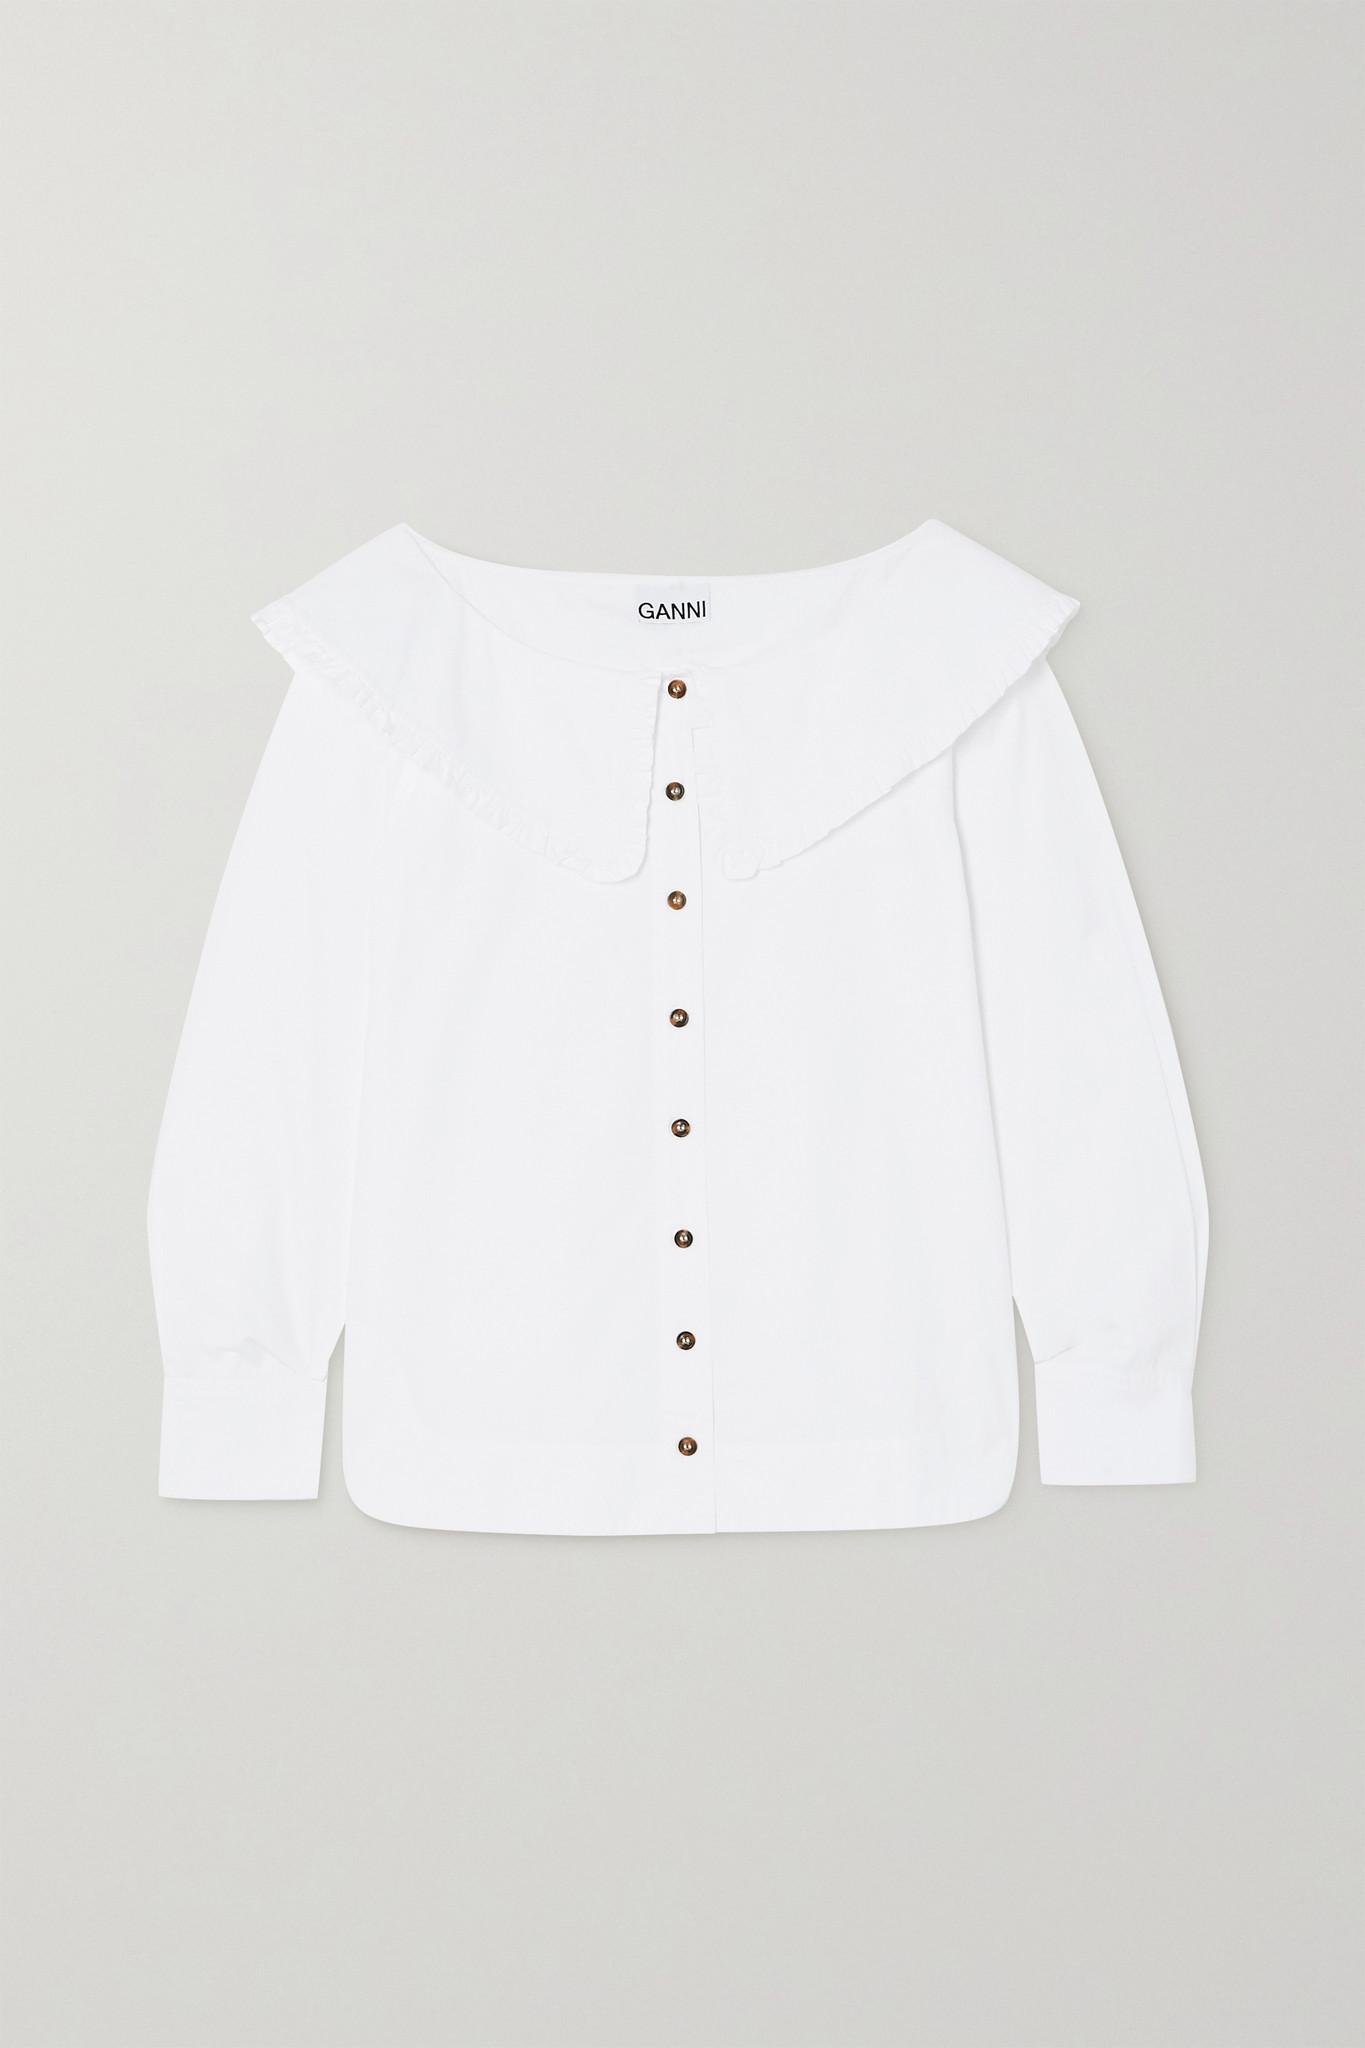 GANNI - 褶饰有机纯棉府绸女衫 - 白色 - DK40